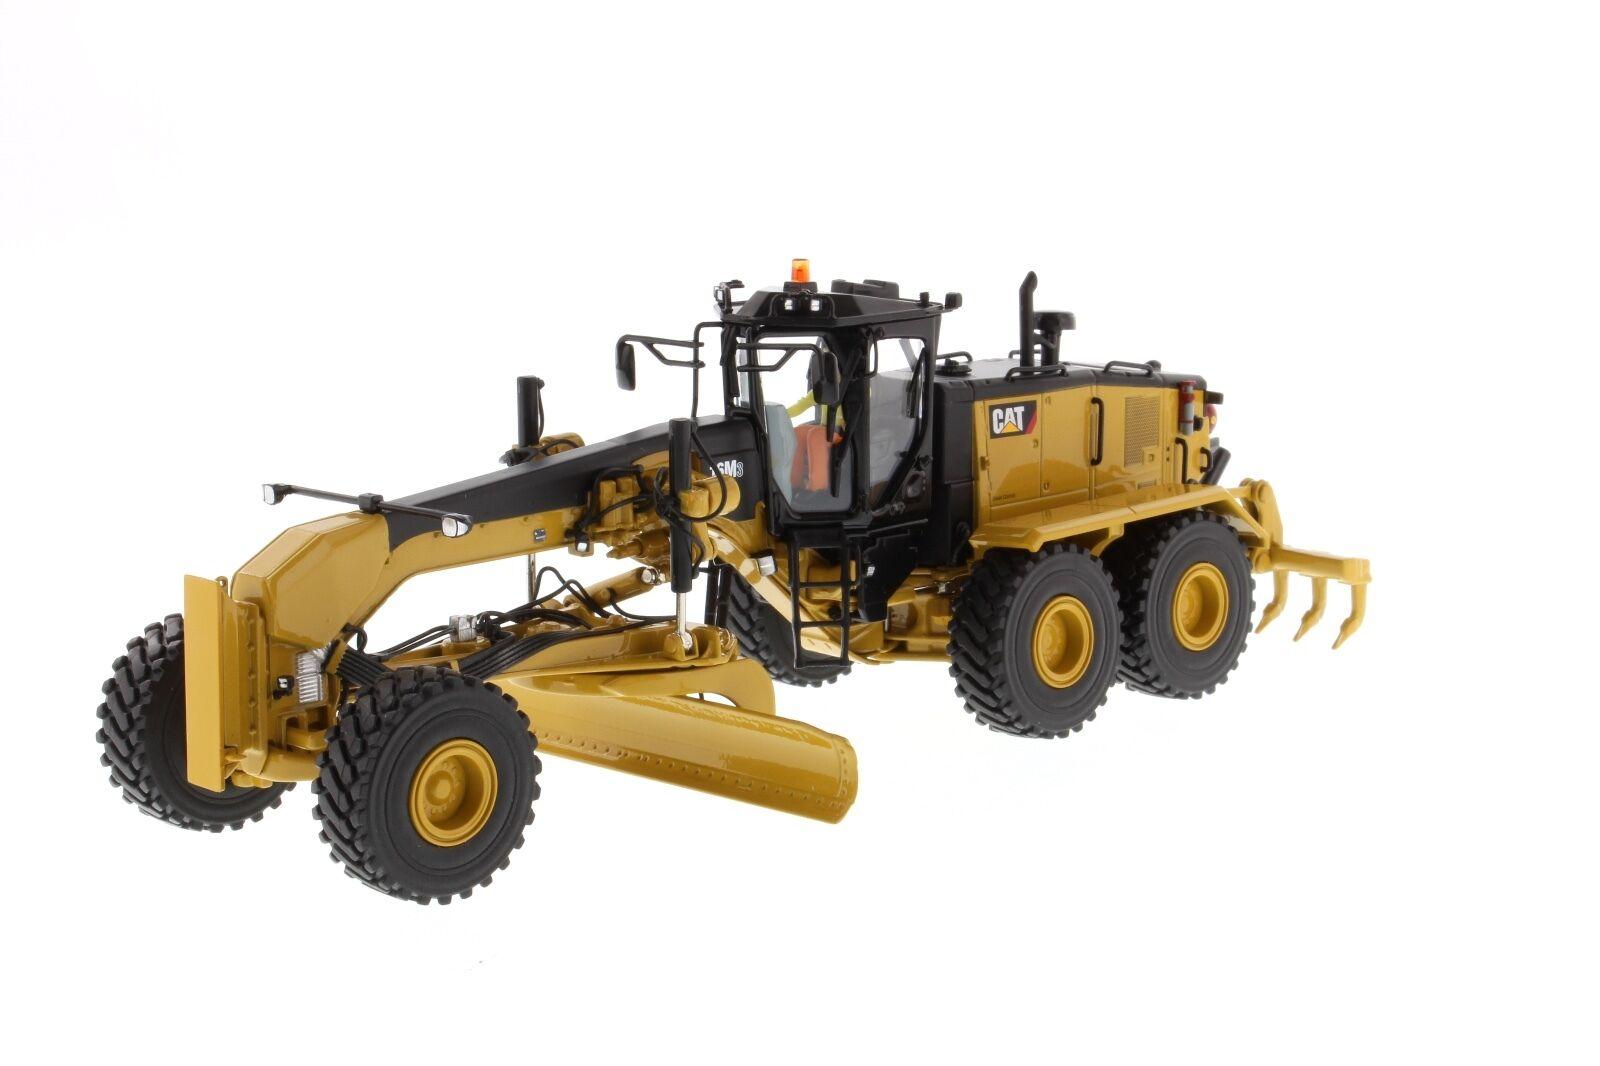 Caterpillar® 1 50 scale Cat 16M3 Motor Grader - Diecast Masters 85507